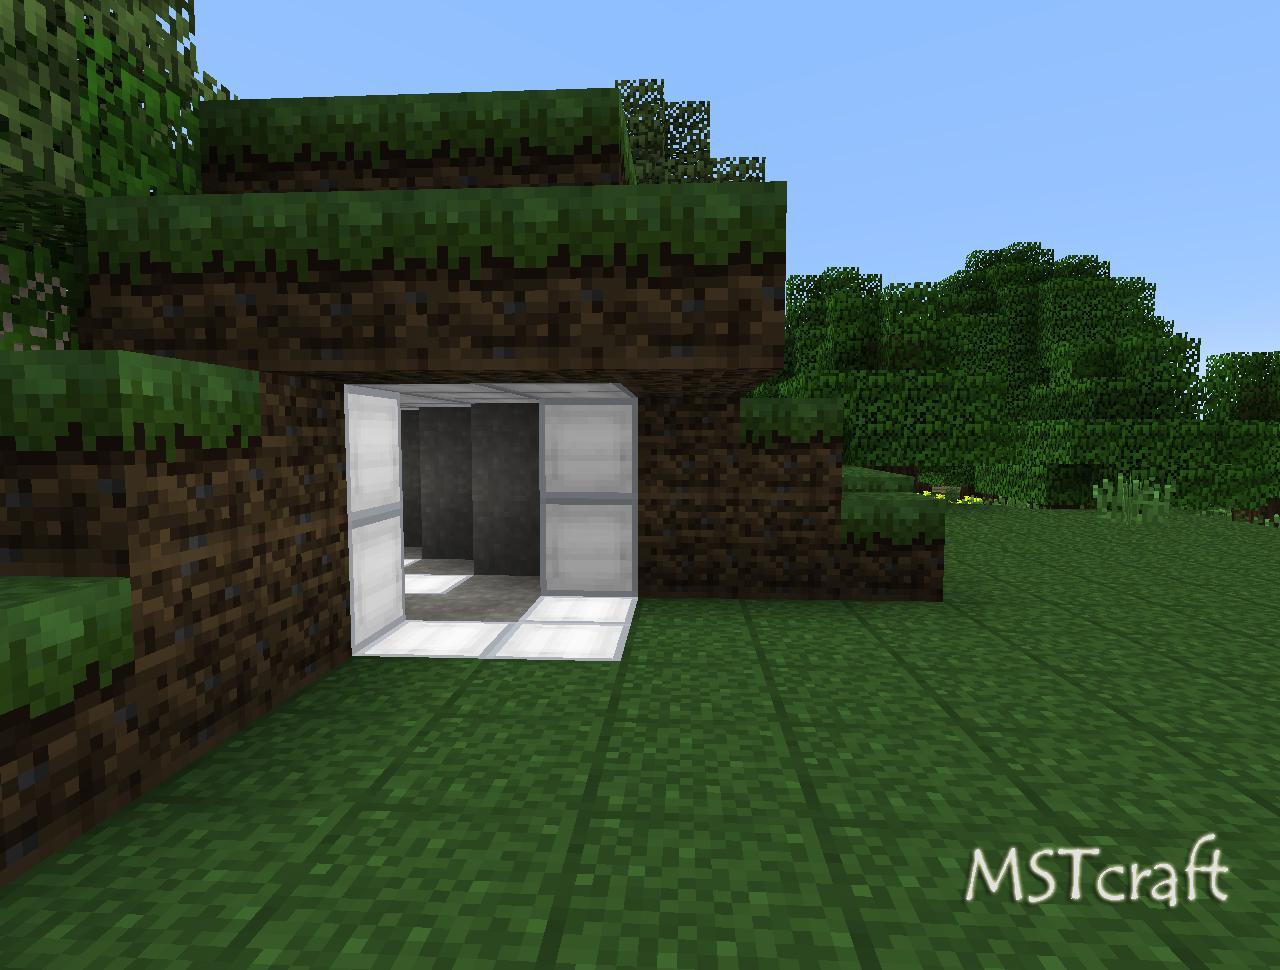 http://minecraft-forum.net/wp-content/uploads/2013/06/4e201__MSTCraft-texture-pack-2.jpg